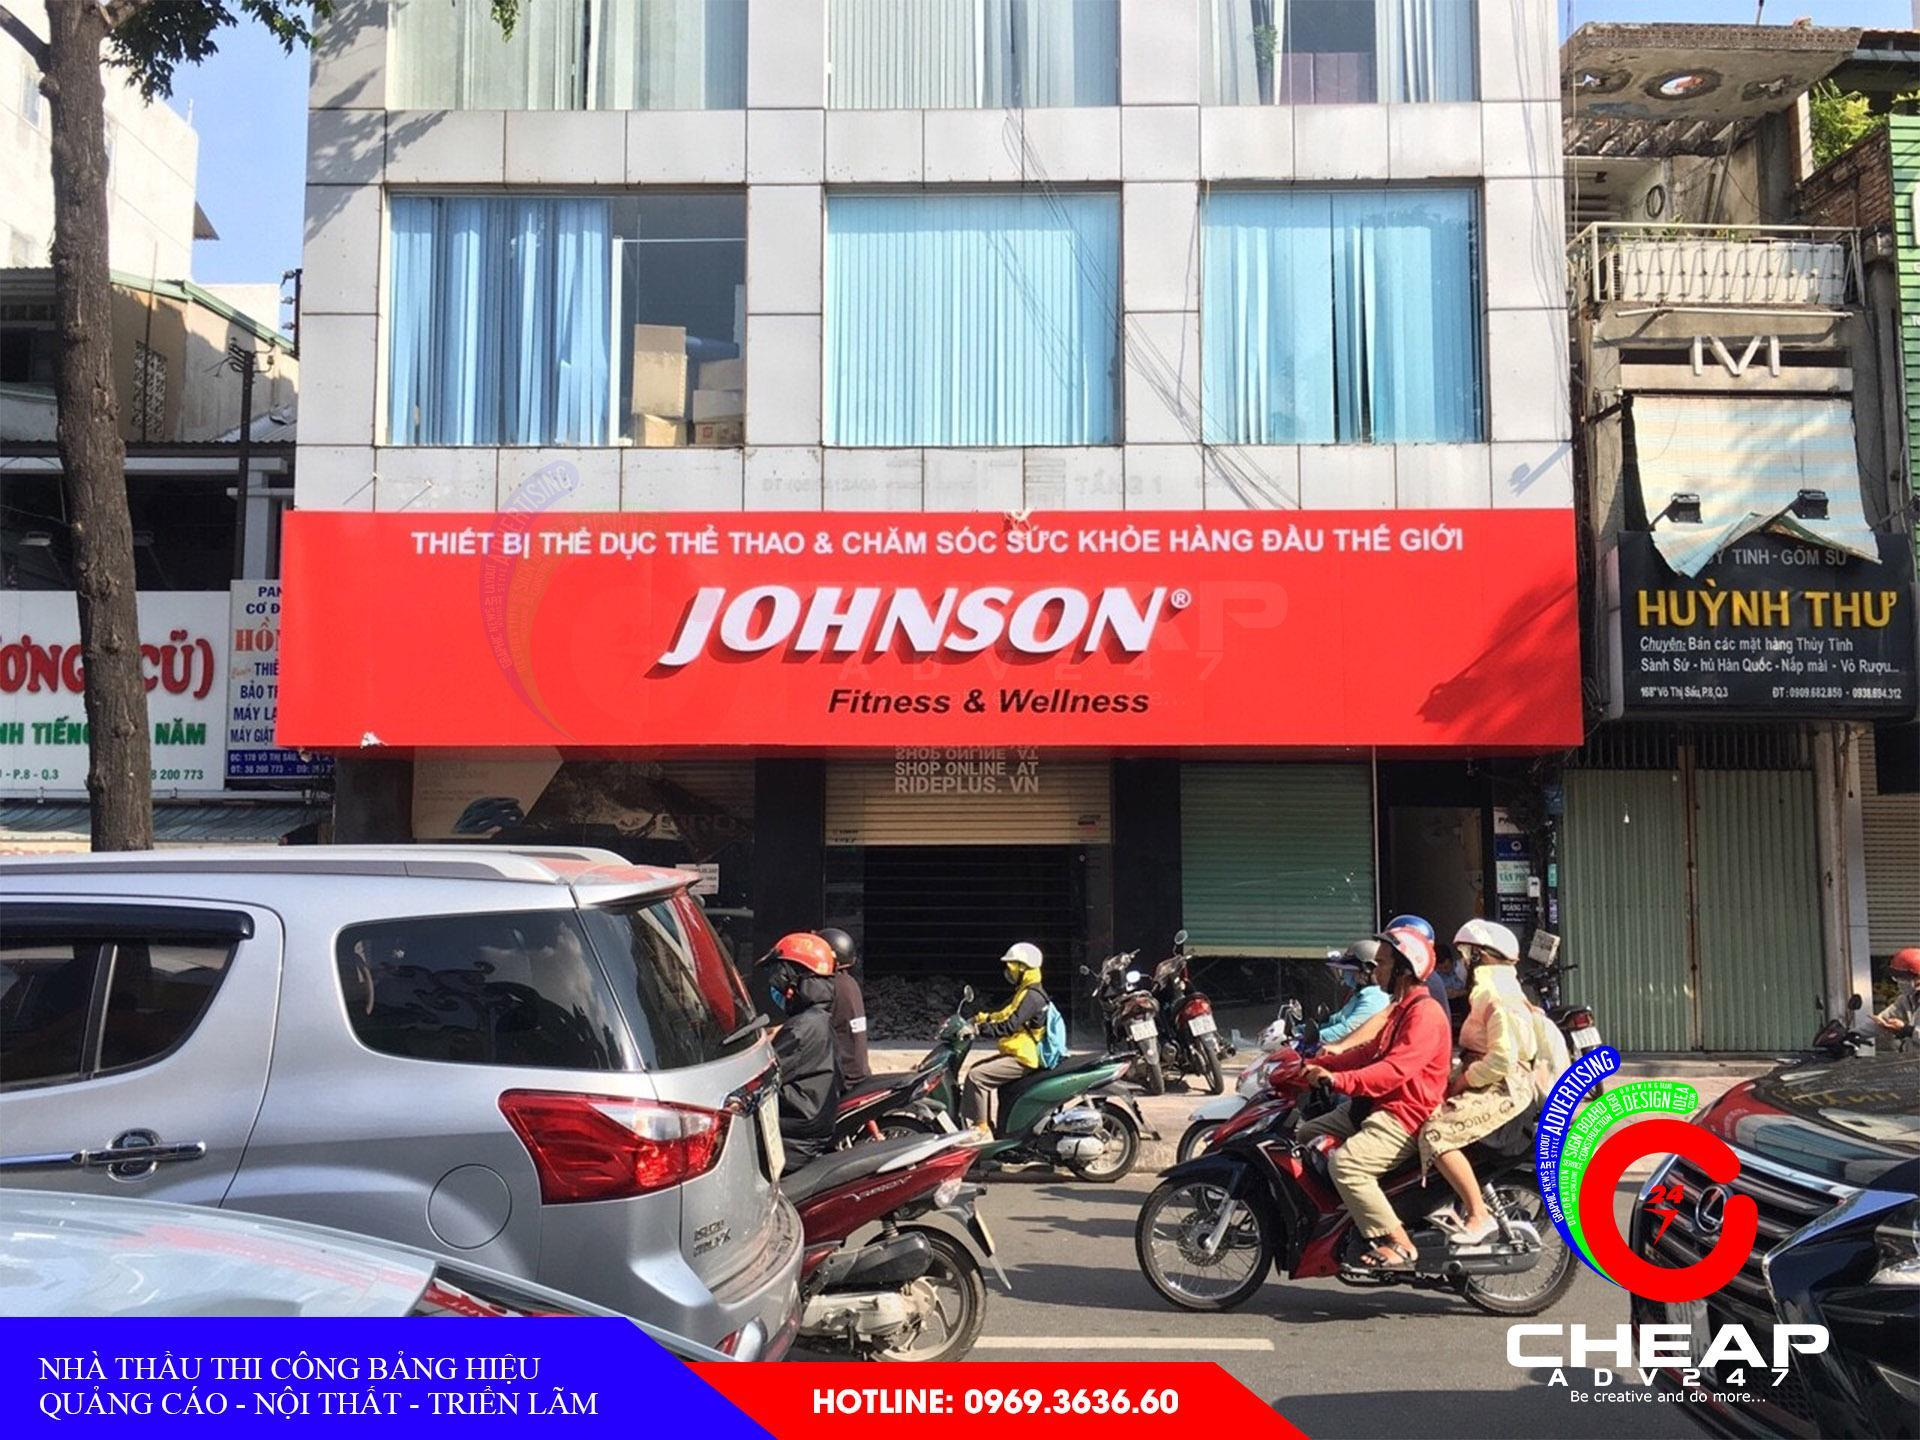 Ảnh làm bảng hiệu quảng cáo do cheapadv247 thi công tại Đà Nẵng